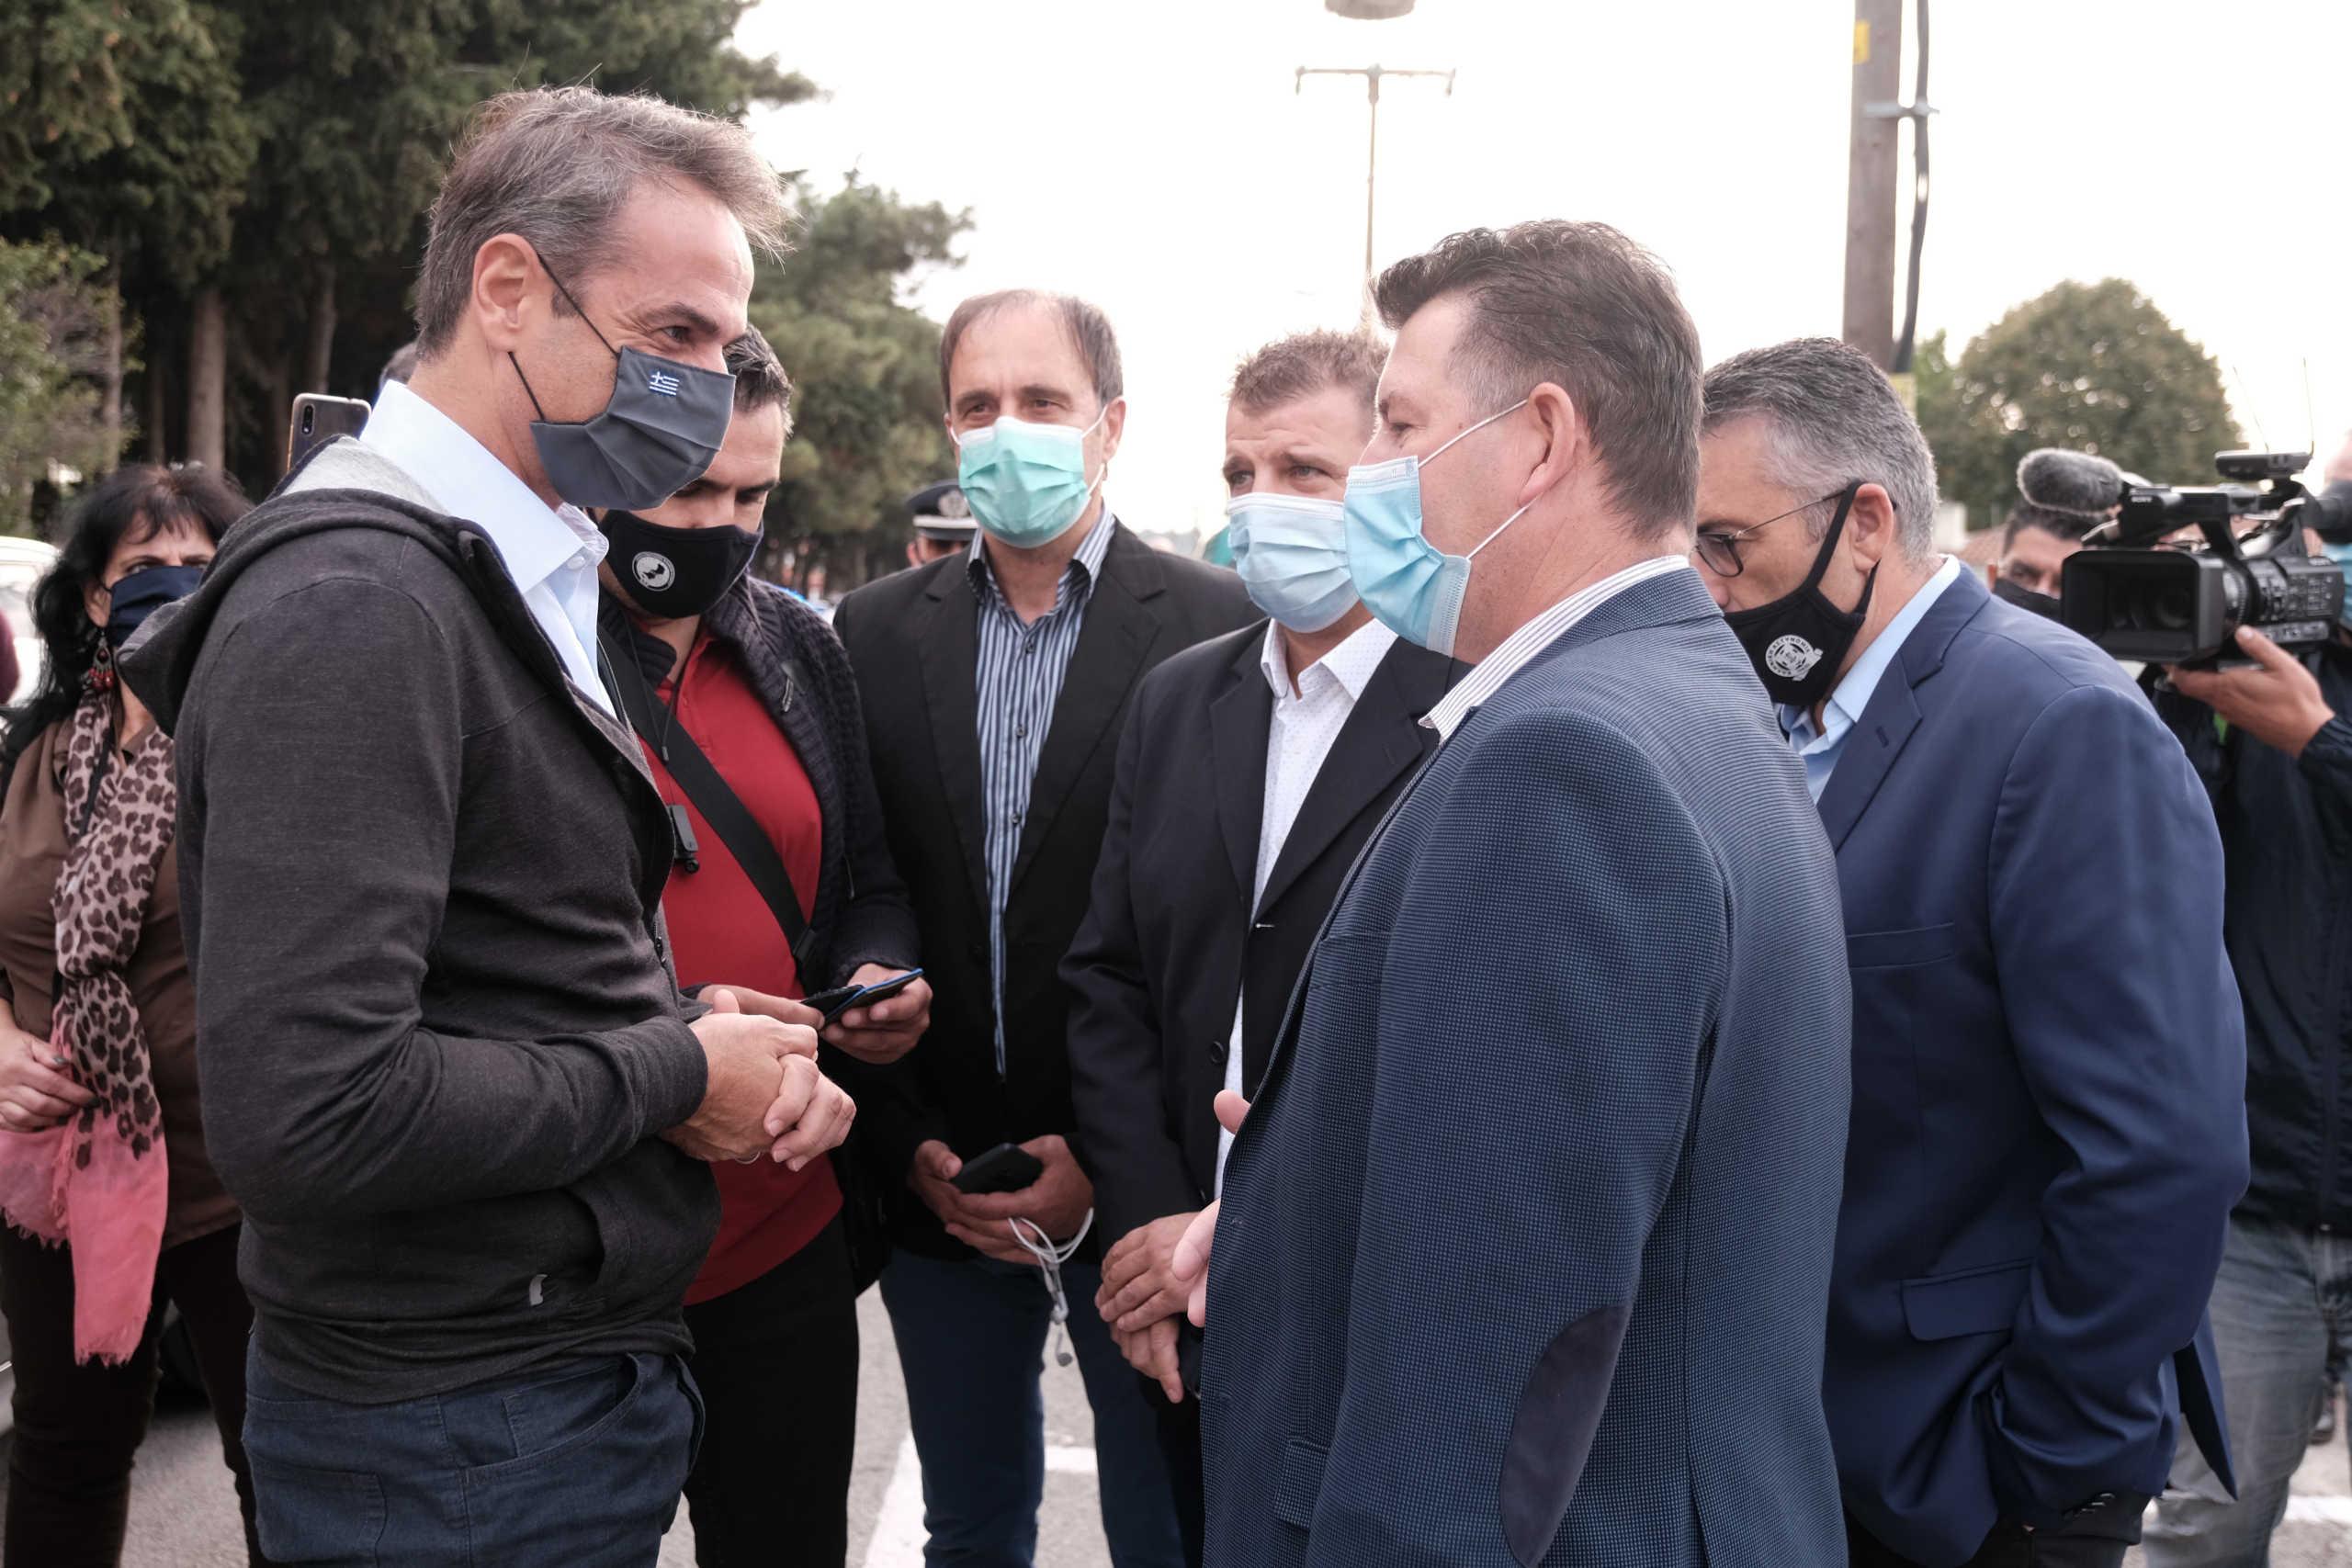 Μητσοτάκης: Ο φράχτης στον Έβρο ήταν το ελάχιστο που μπορούσε να κάνει η κυβέρνηση (pics)